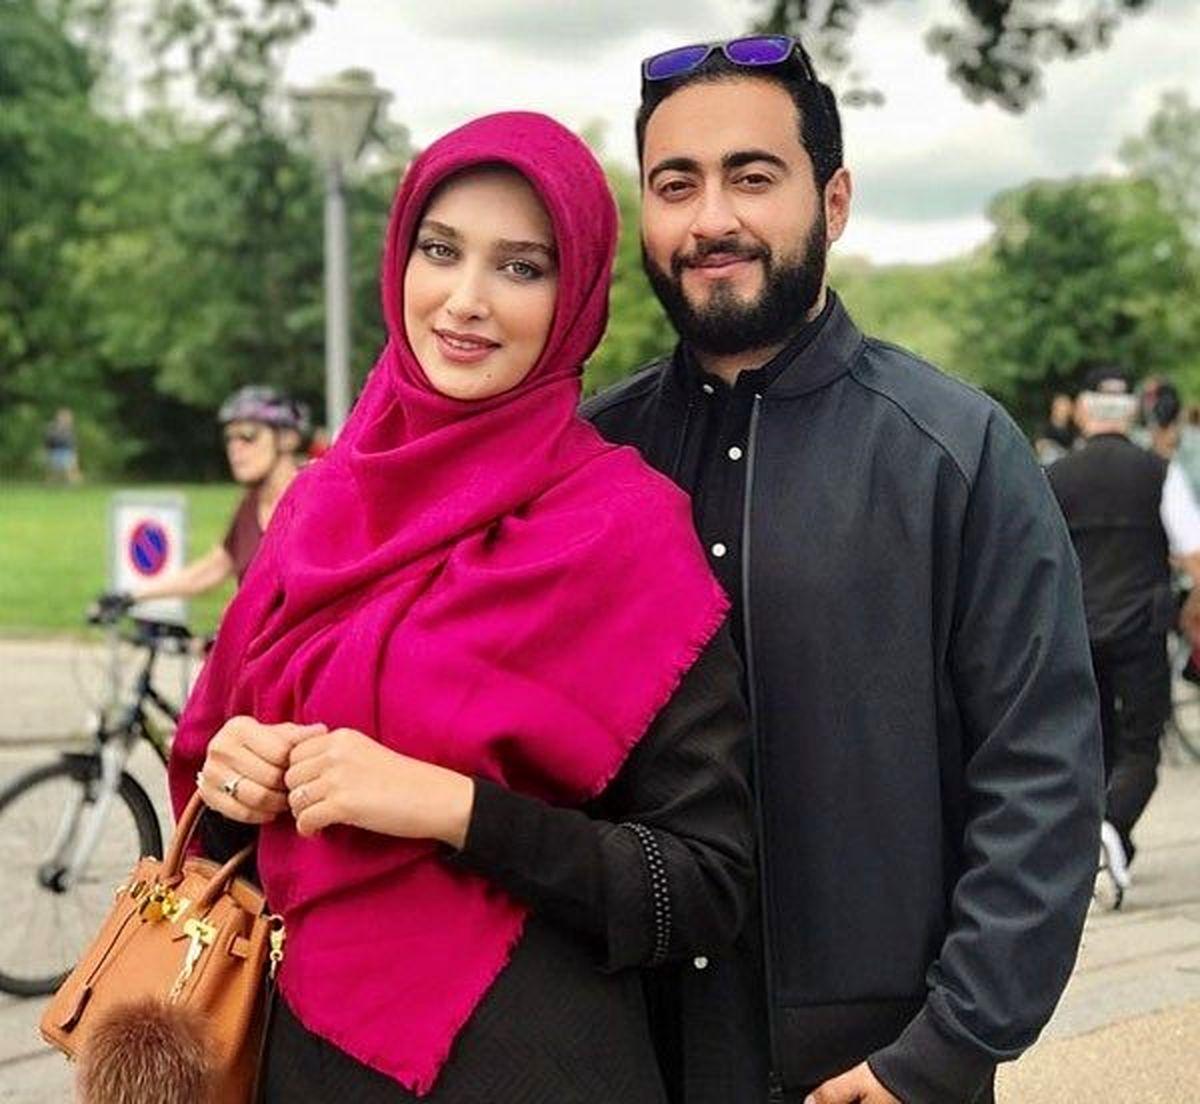 جدایی پسر سفیر ایران در دانمارک از آناشیدحسینی +عکس